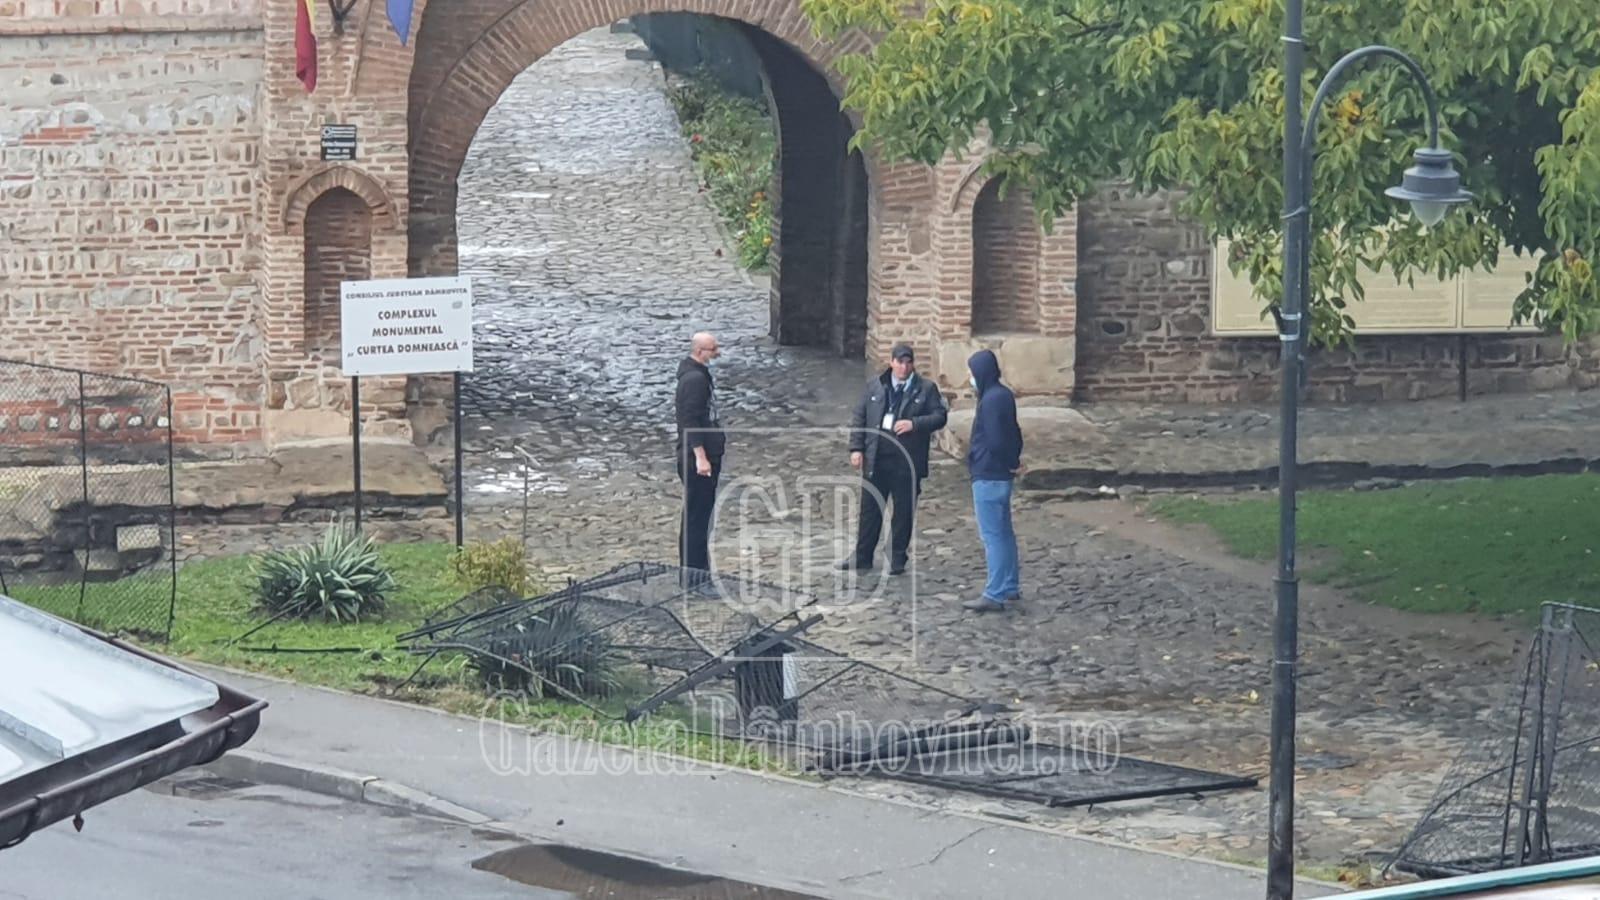 Un tânăr șofer teribilist a dărâmat gardul Complexului Muzeal Curtea Domnească